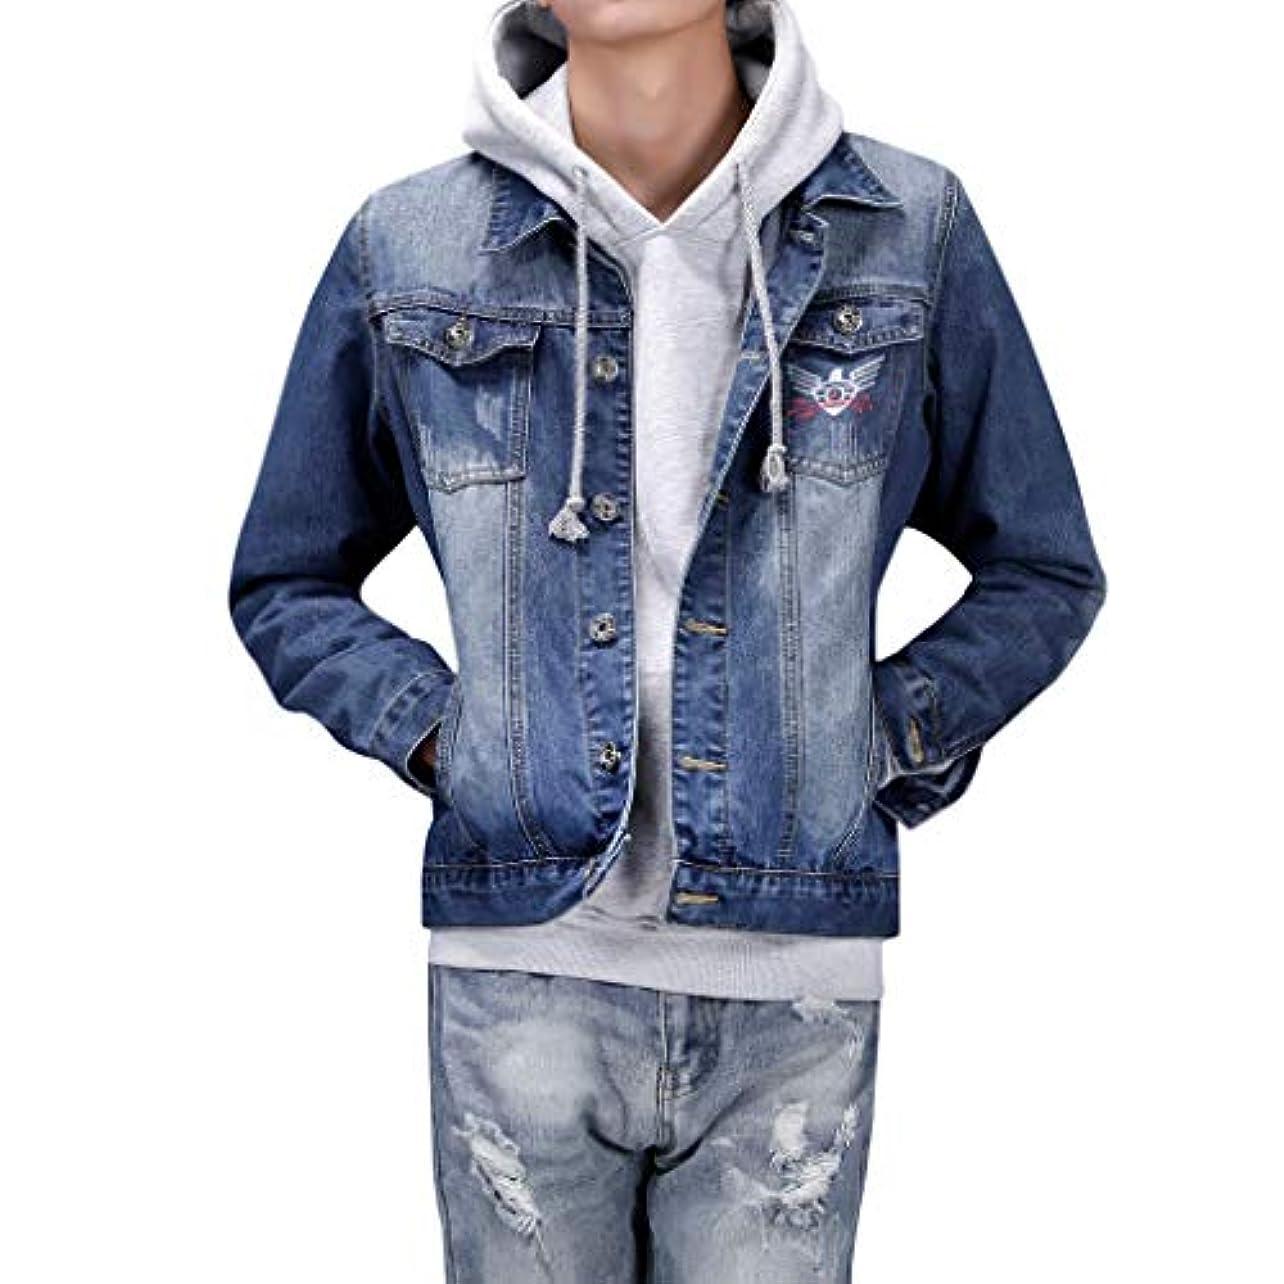 ずっとダイバー精通したMangjiu コート メンズ 服 冬服人気 暖コート 上着 綿衣 おしゃれ ジャケット 防風 防寒 アウトドア 登山 服 メンズデニムポケットプルオーバー長袖トレーナートップスブラウス生き抜くコート